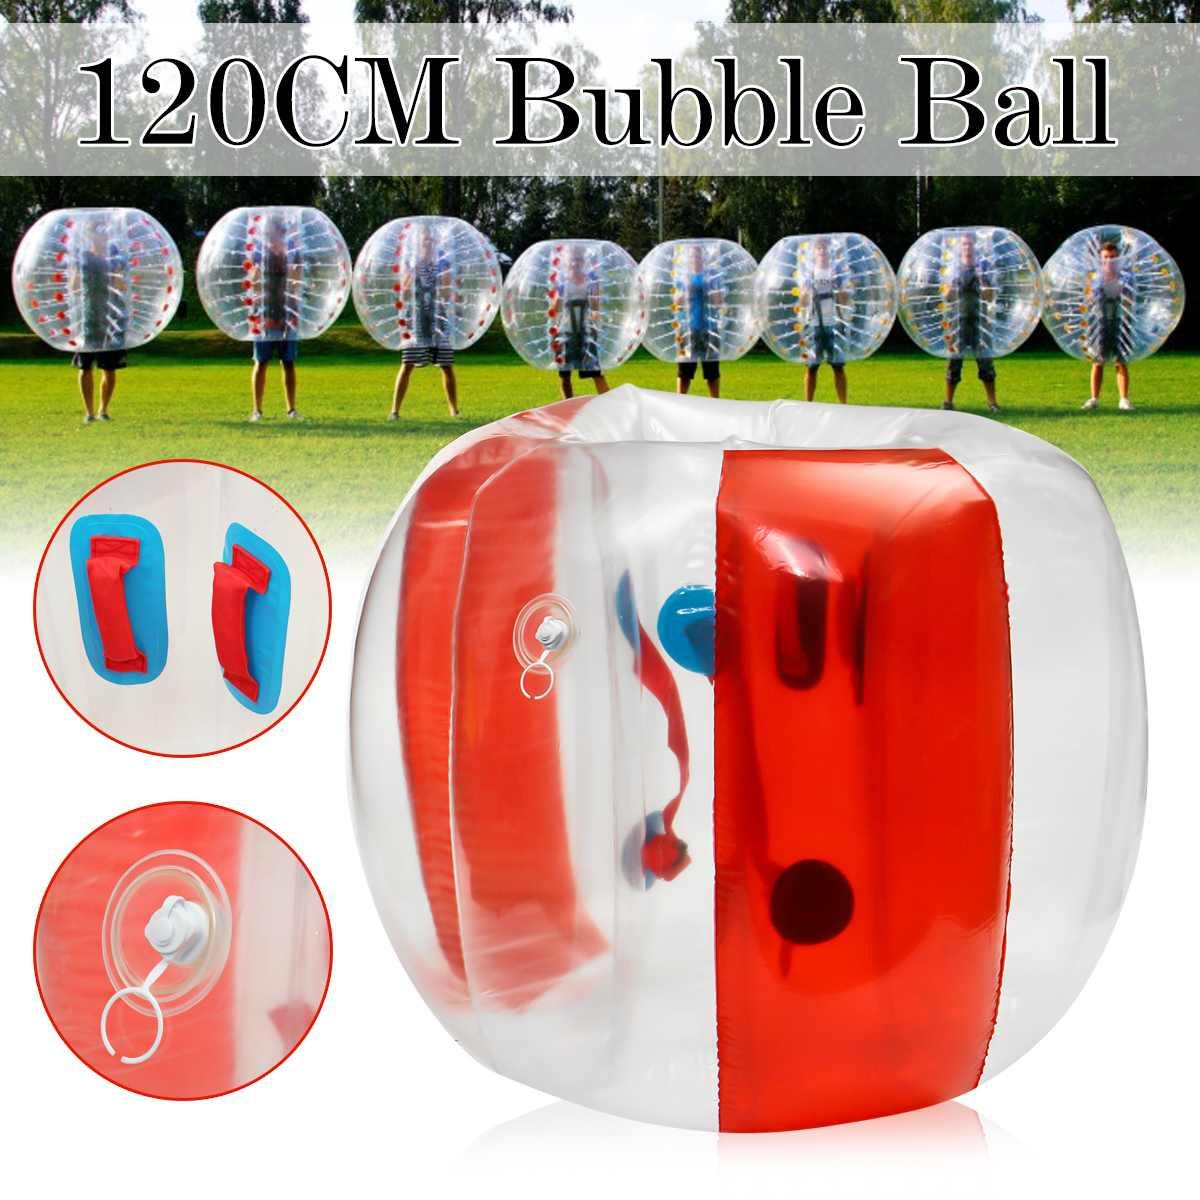 Bubble Voetbal Zorb Bal 120CM Bumper Bal Opblaasbare Body Zorb Bubble Bal Voetbal Kids Outdoor Speelgoed Kerstcadeau